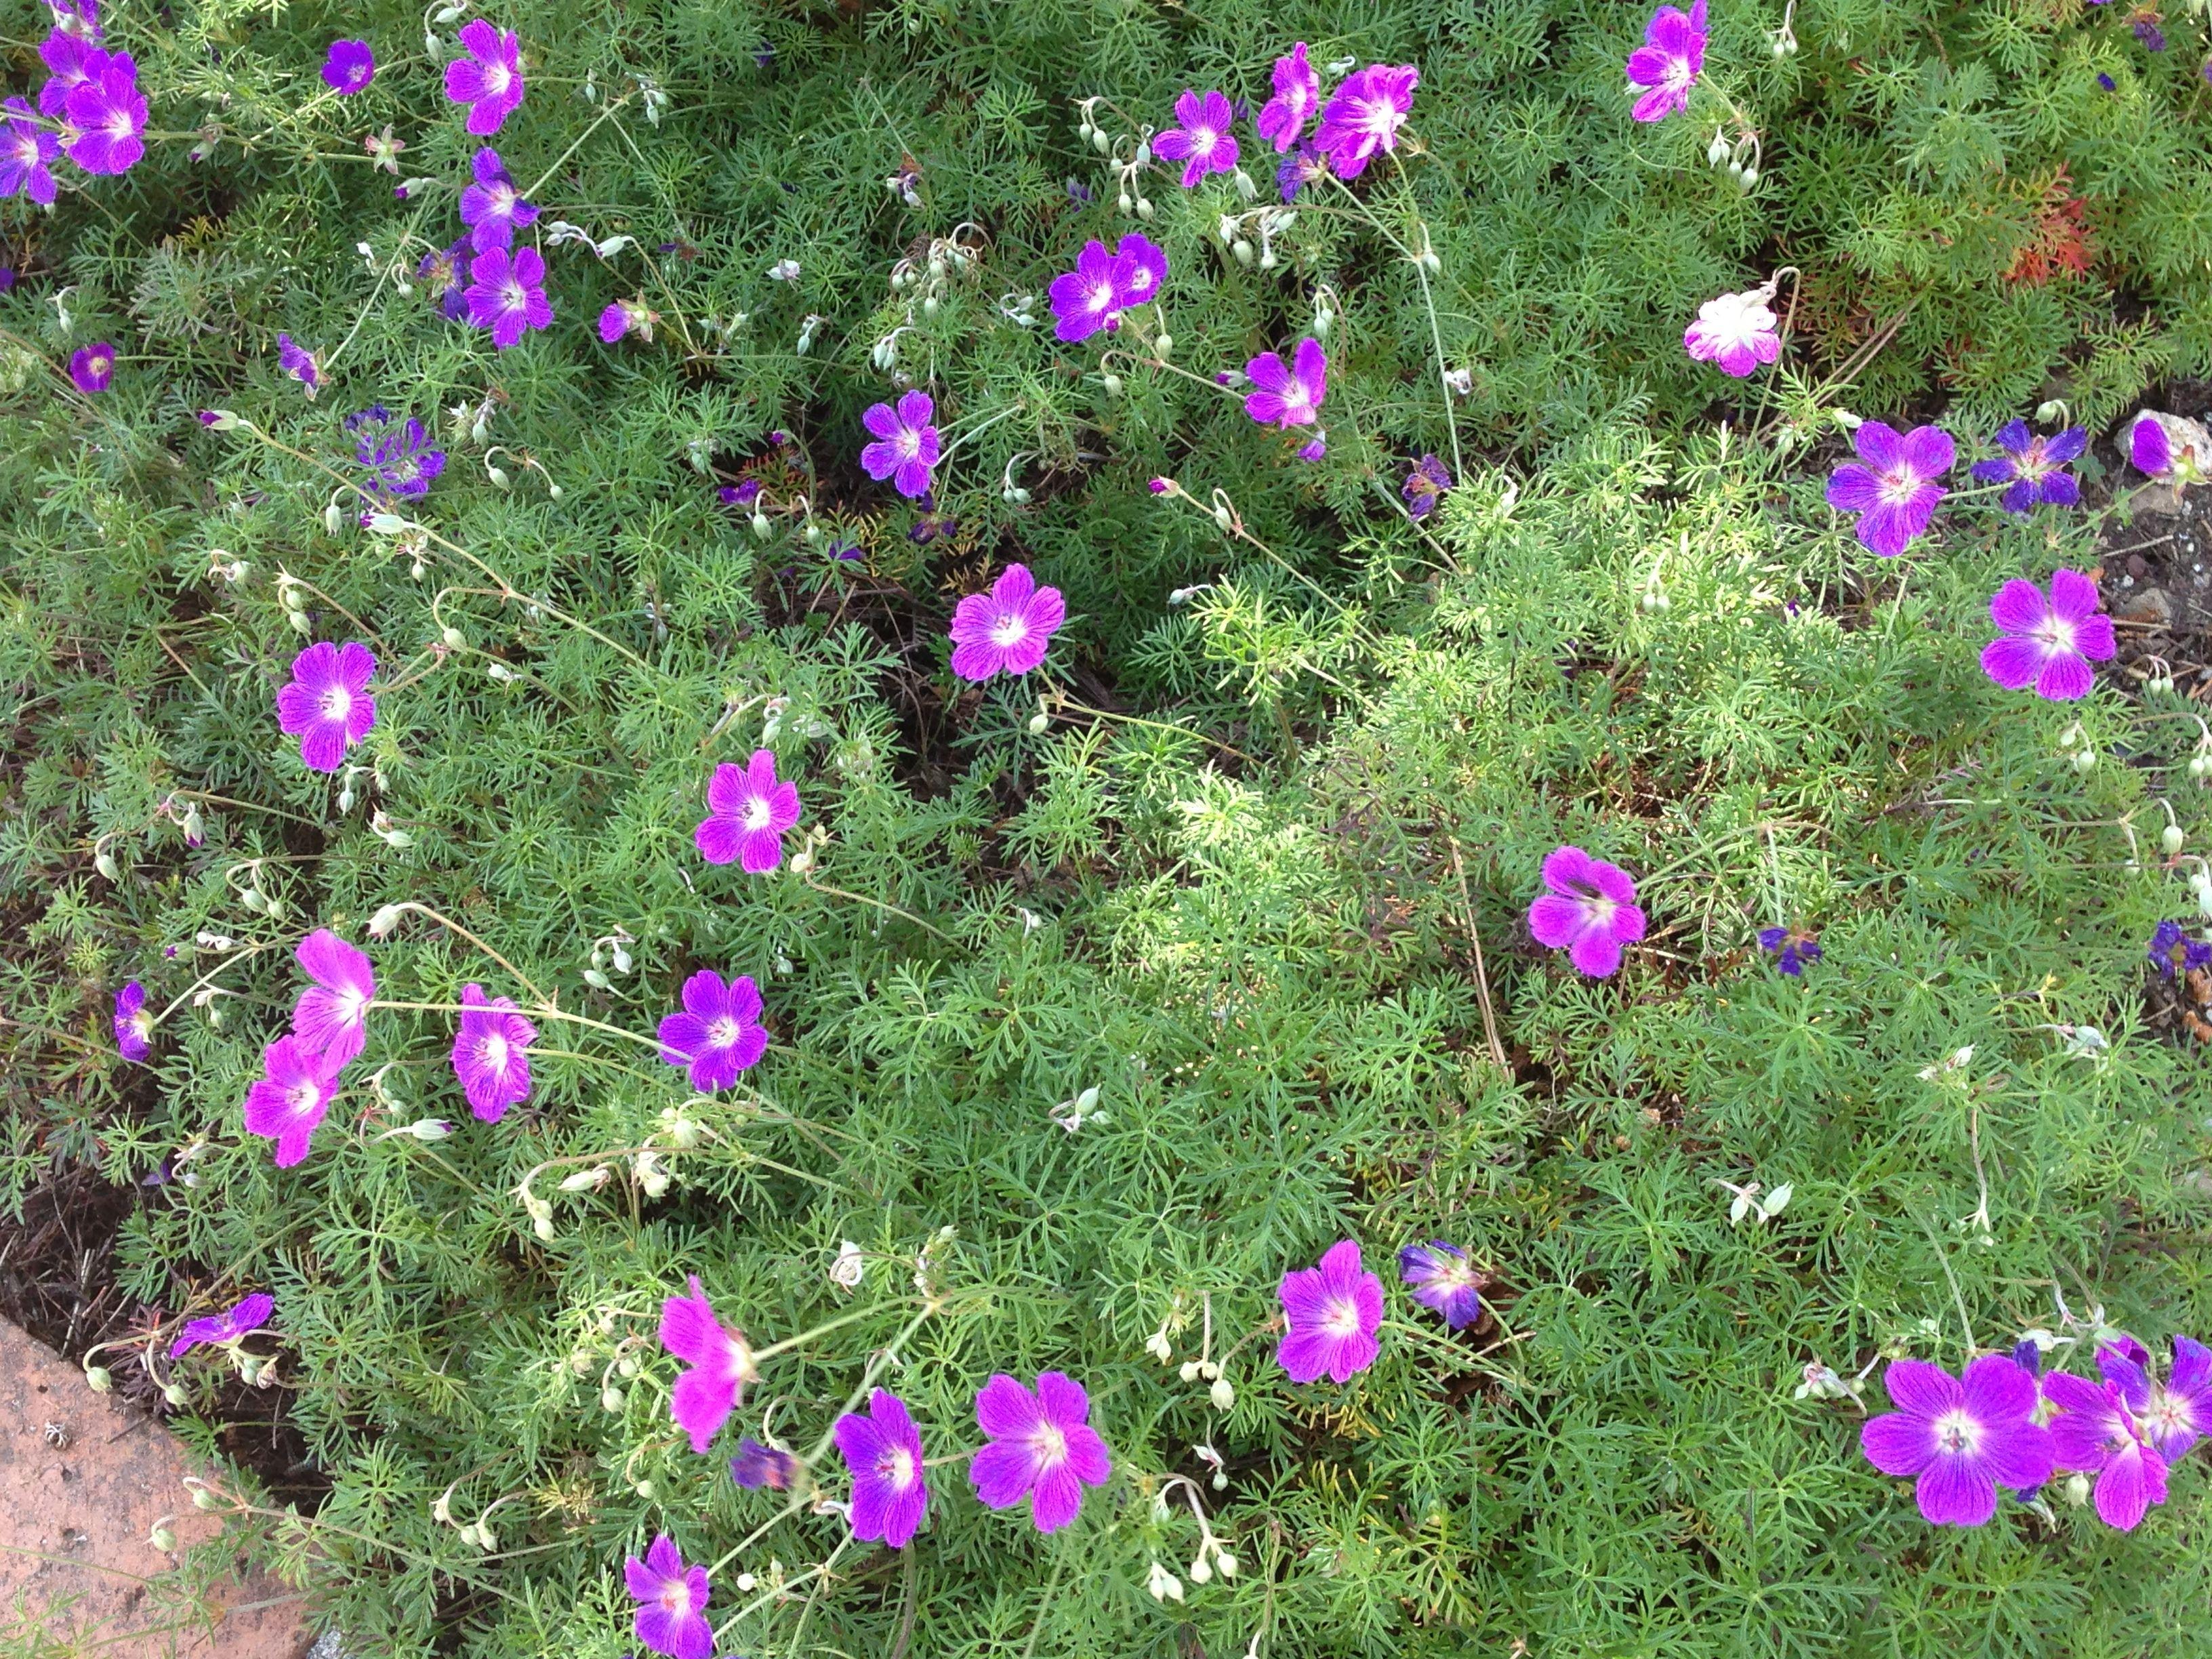 Purple Flowers With Foliage Like Asparagus Fern Asparagus Fern All About Plants Plants